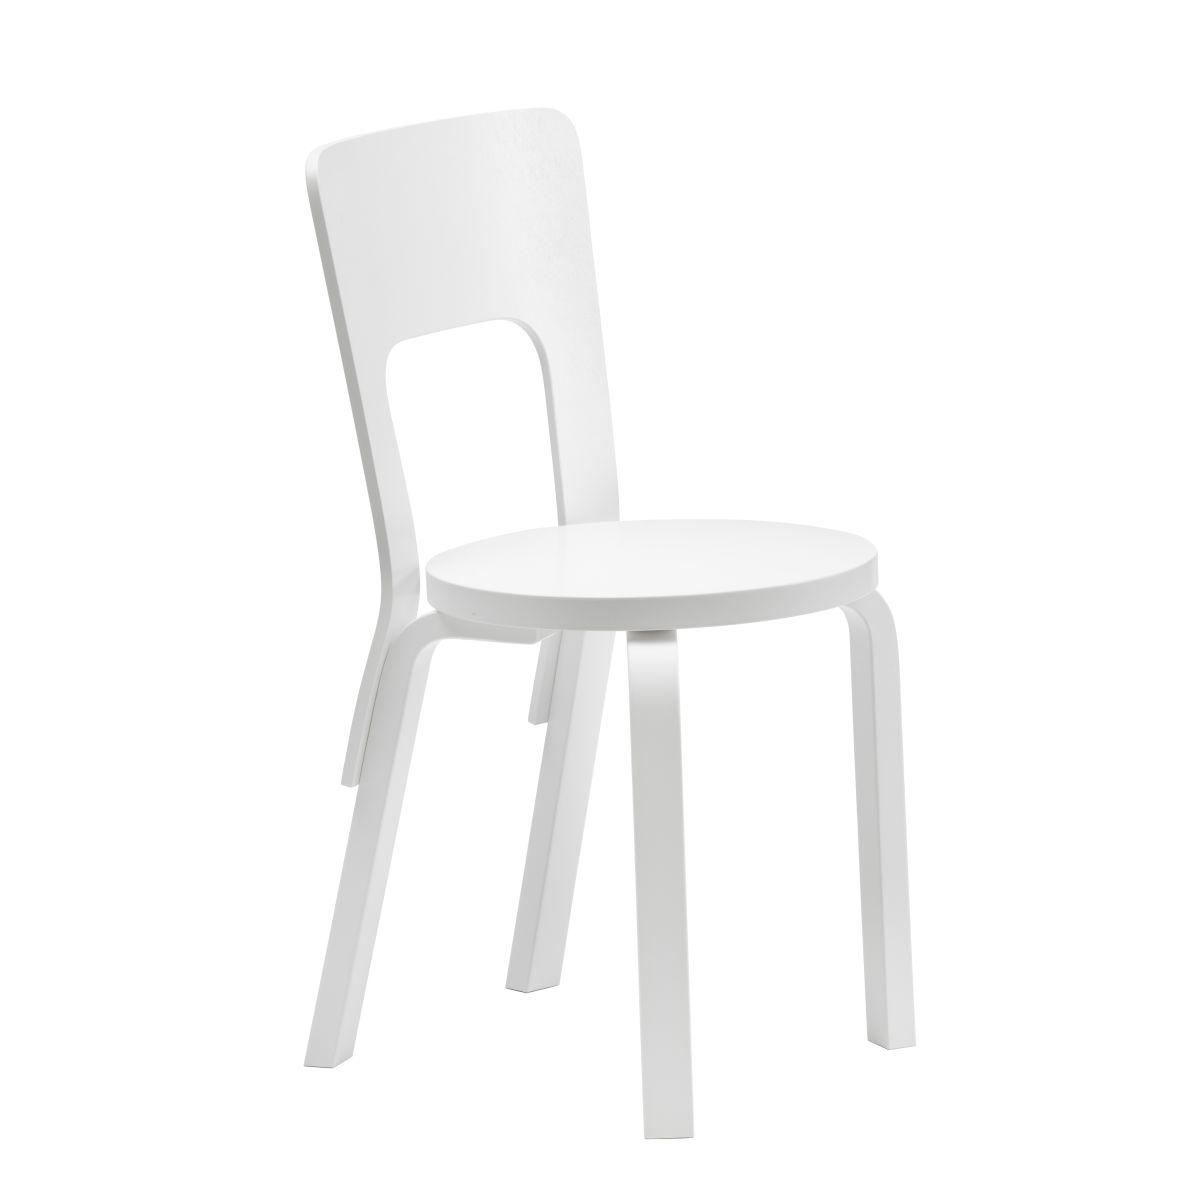 Chair 66 white